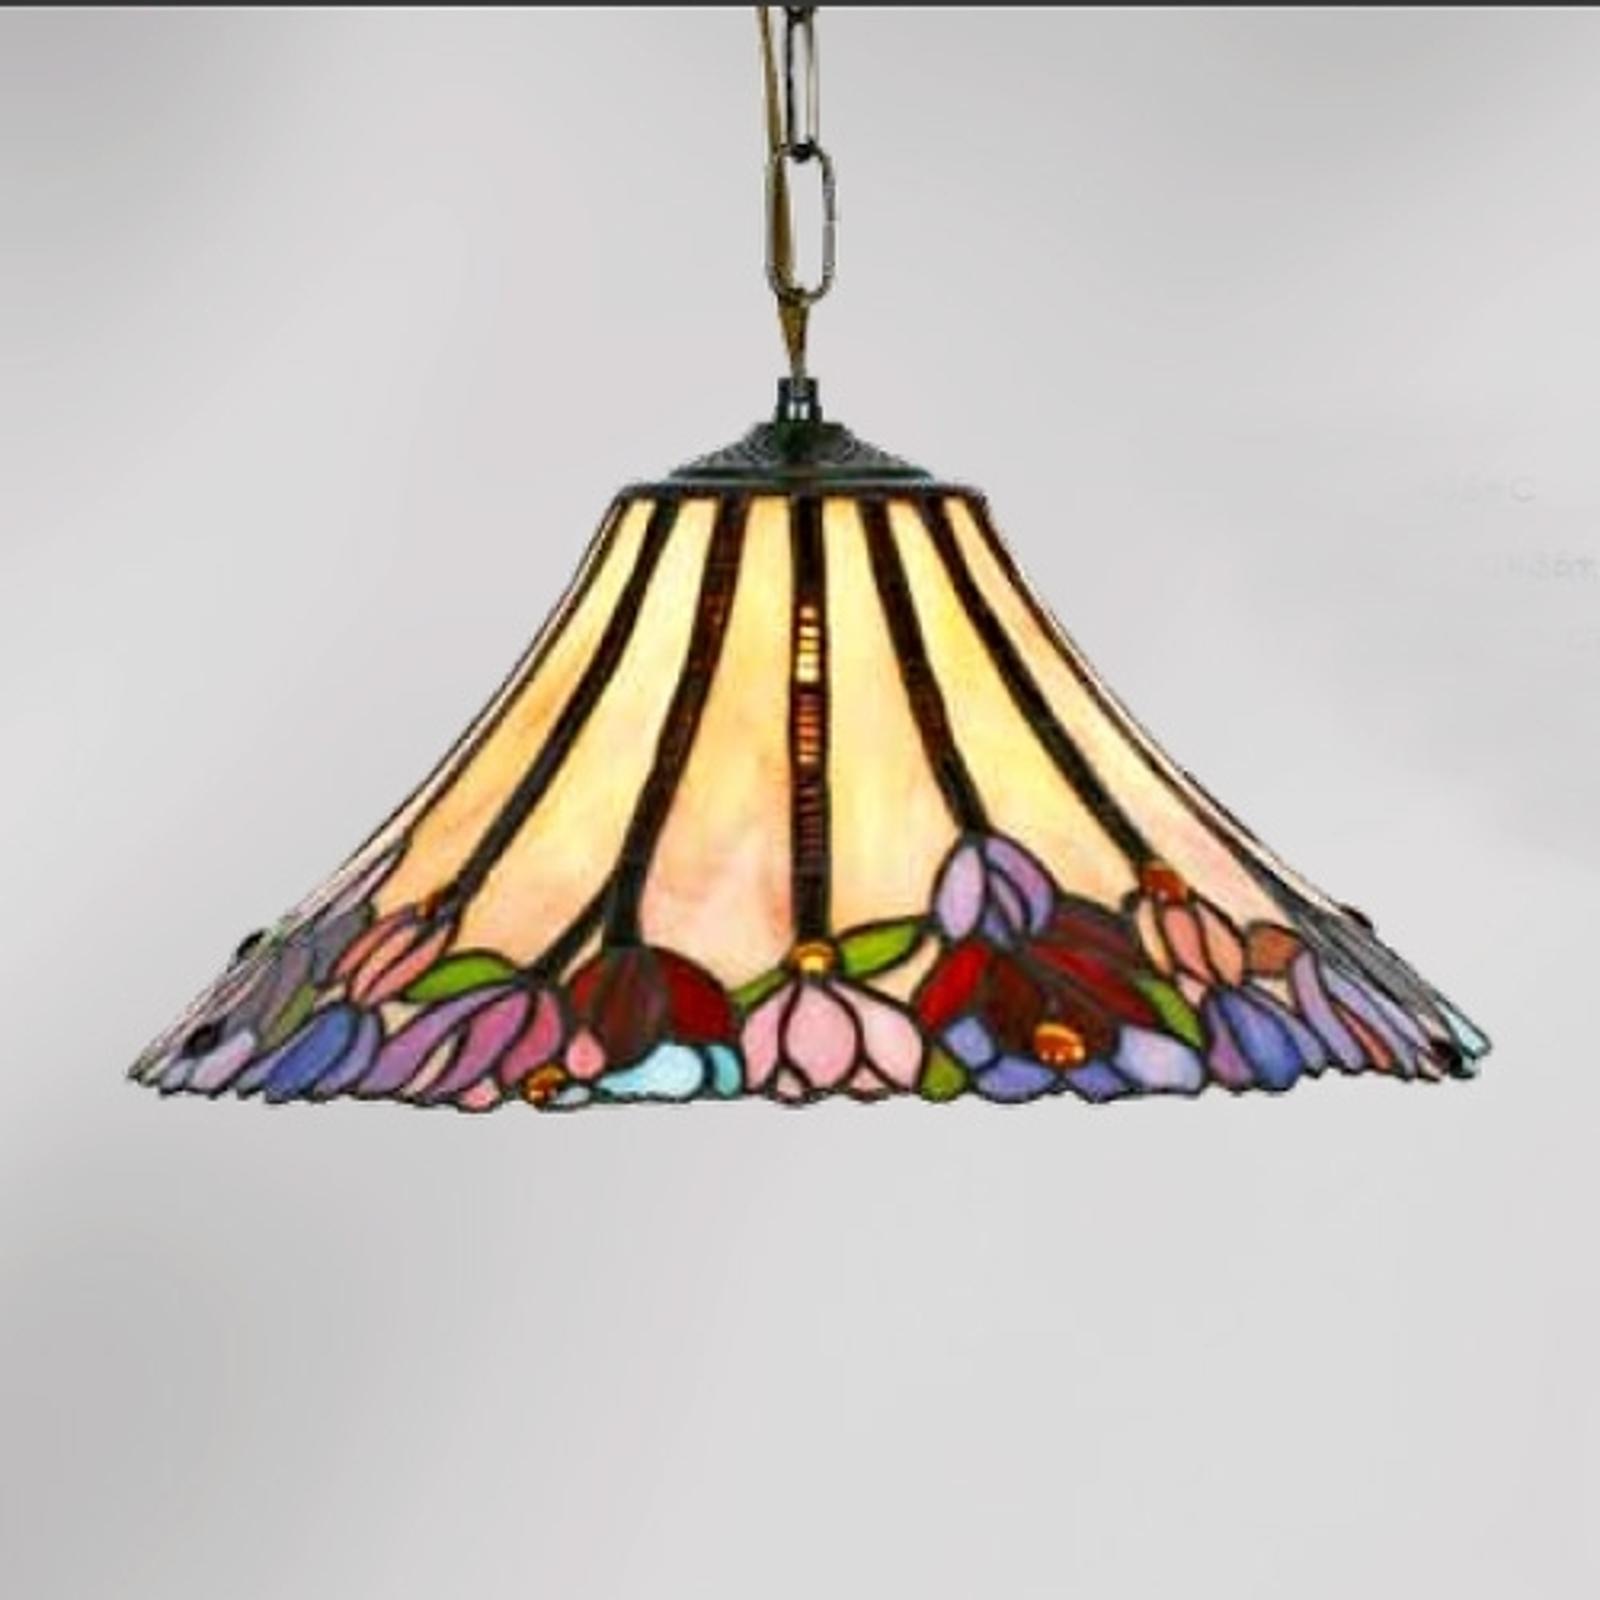 Suspension Tori style Tiffany à 1 lampe